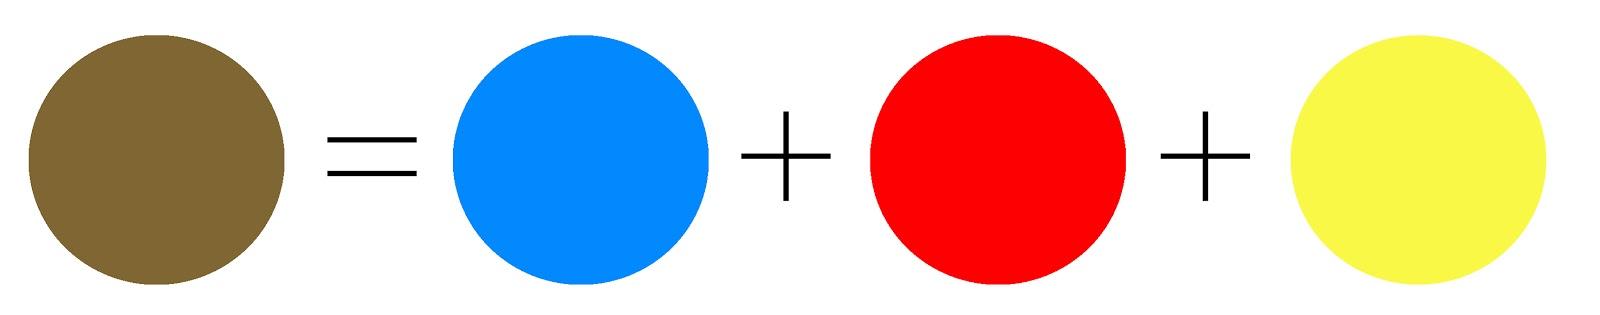 Manualidades Mezcla De Colores - Como-obtener-el-color-marron